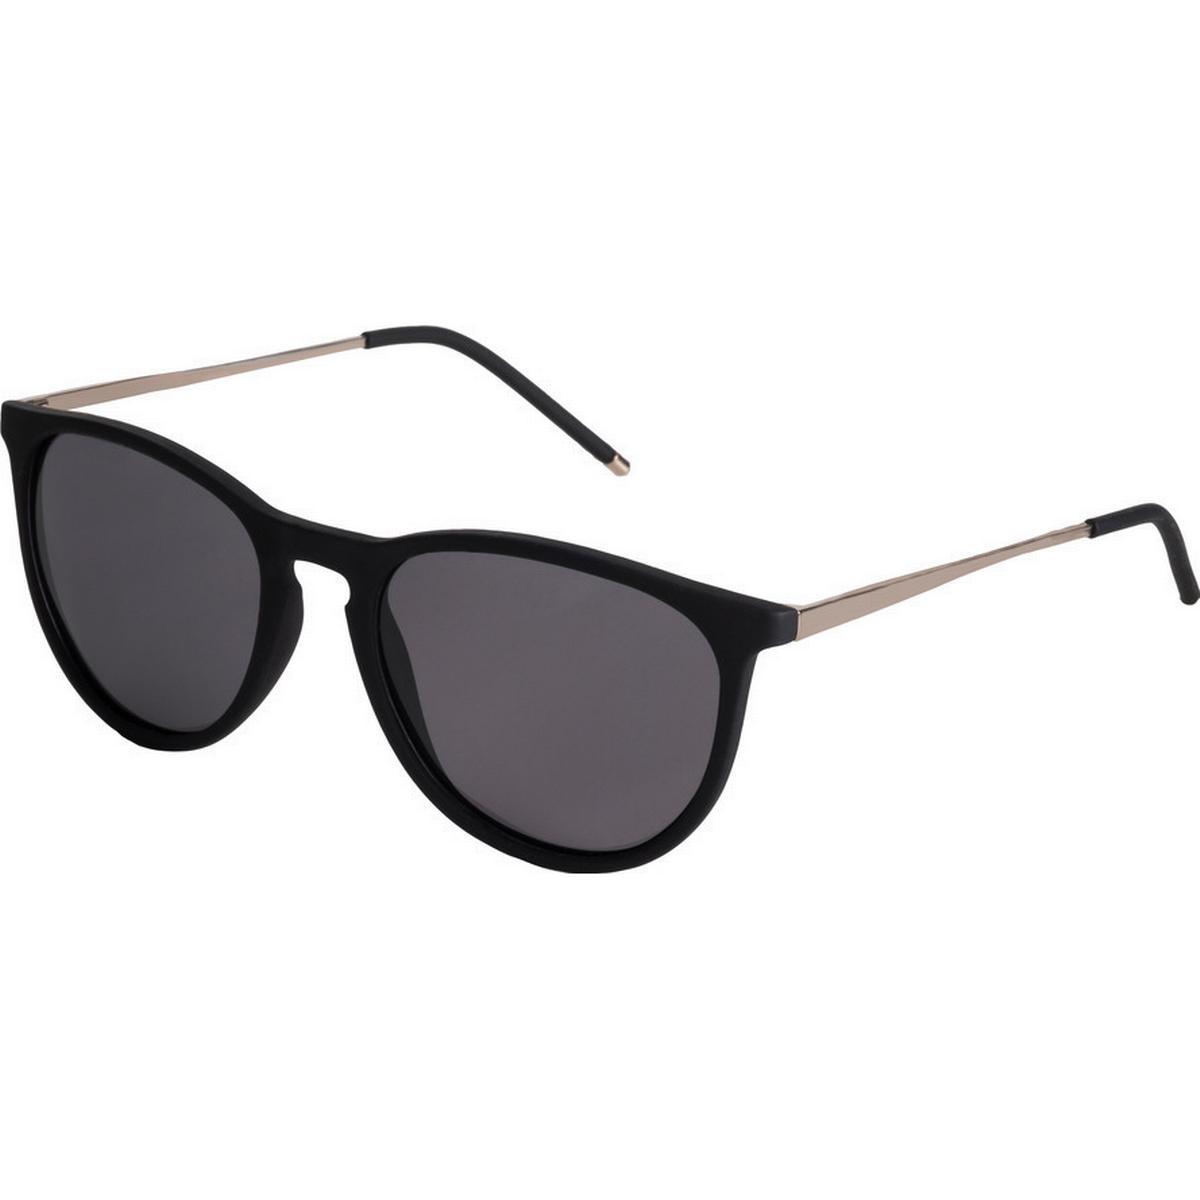 68c371cbfe21 Pilgrim Solbriller - Sammenlign priser hos PriceRunner